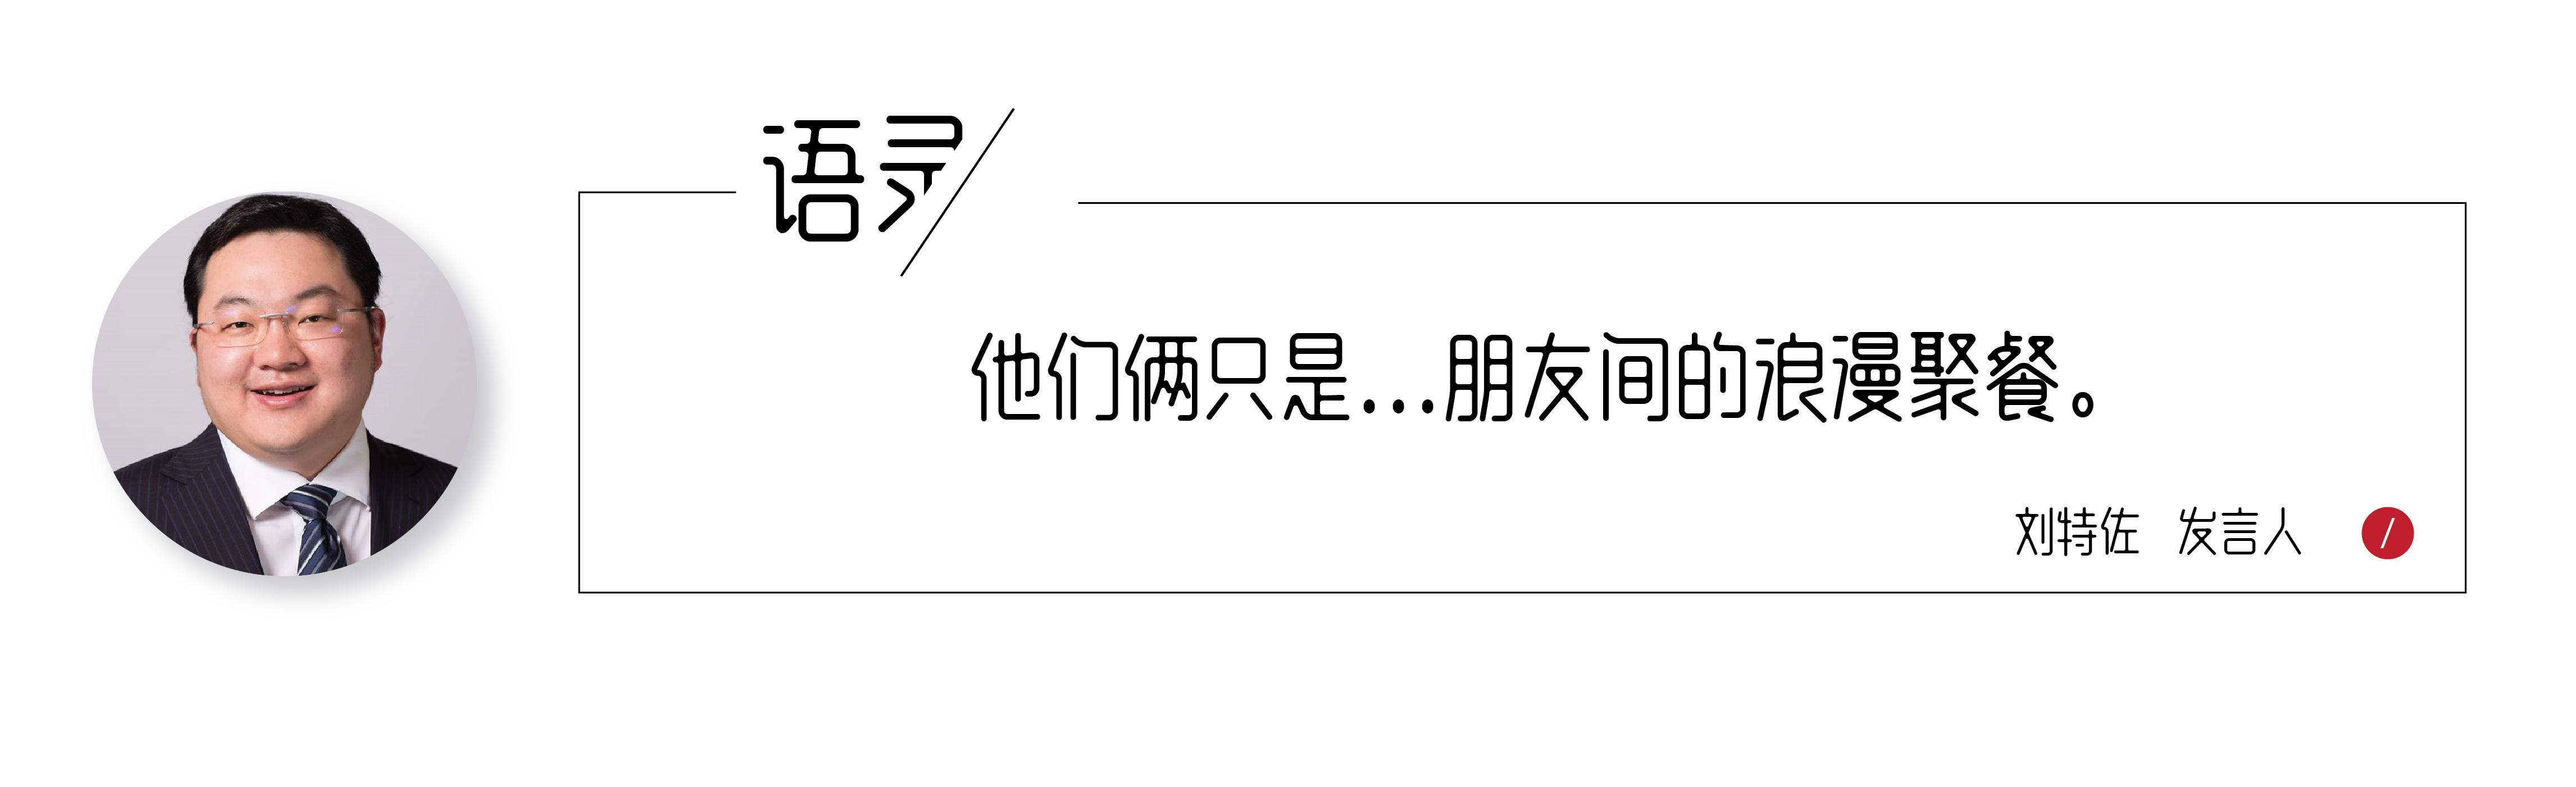 Slide1-(5).JPG